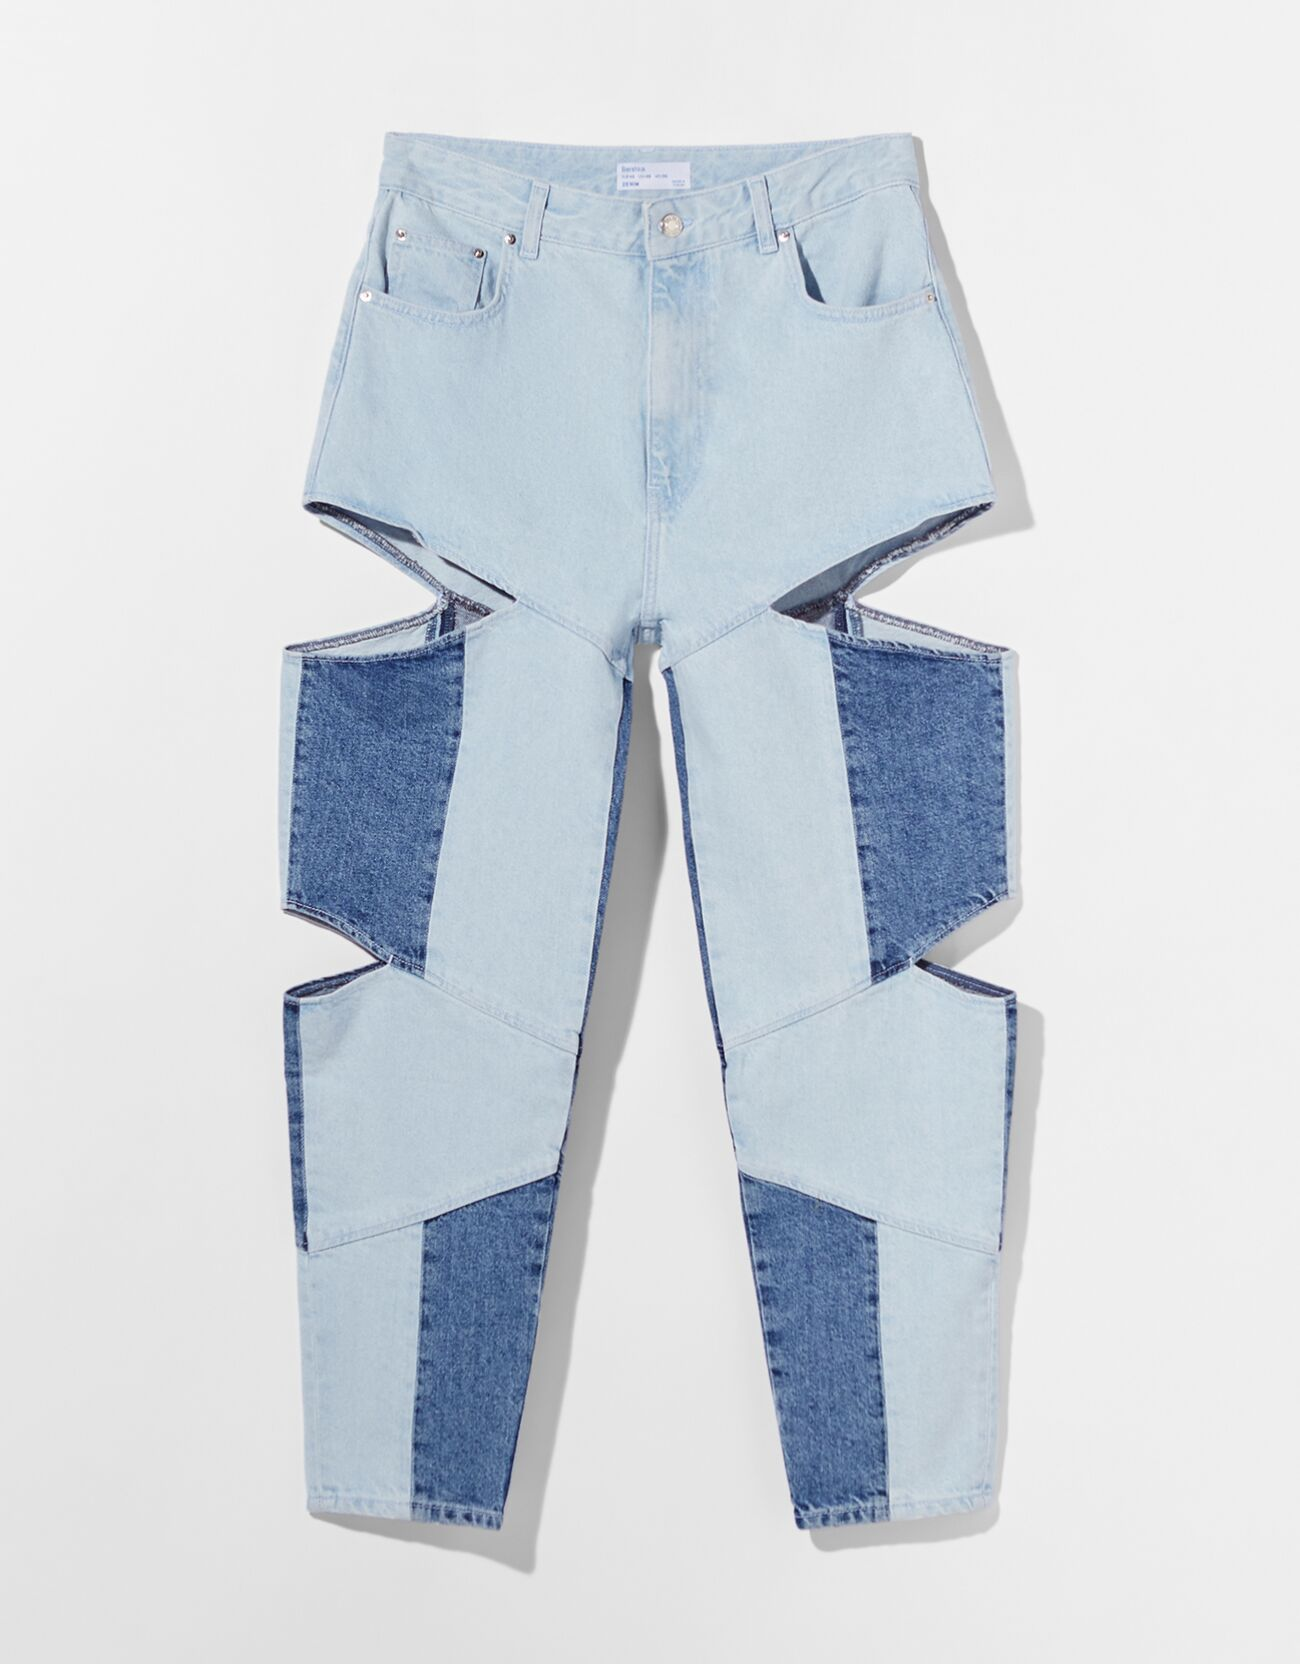 Mom jeans bicolor con detalles cut out.